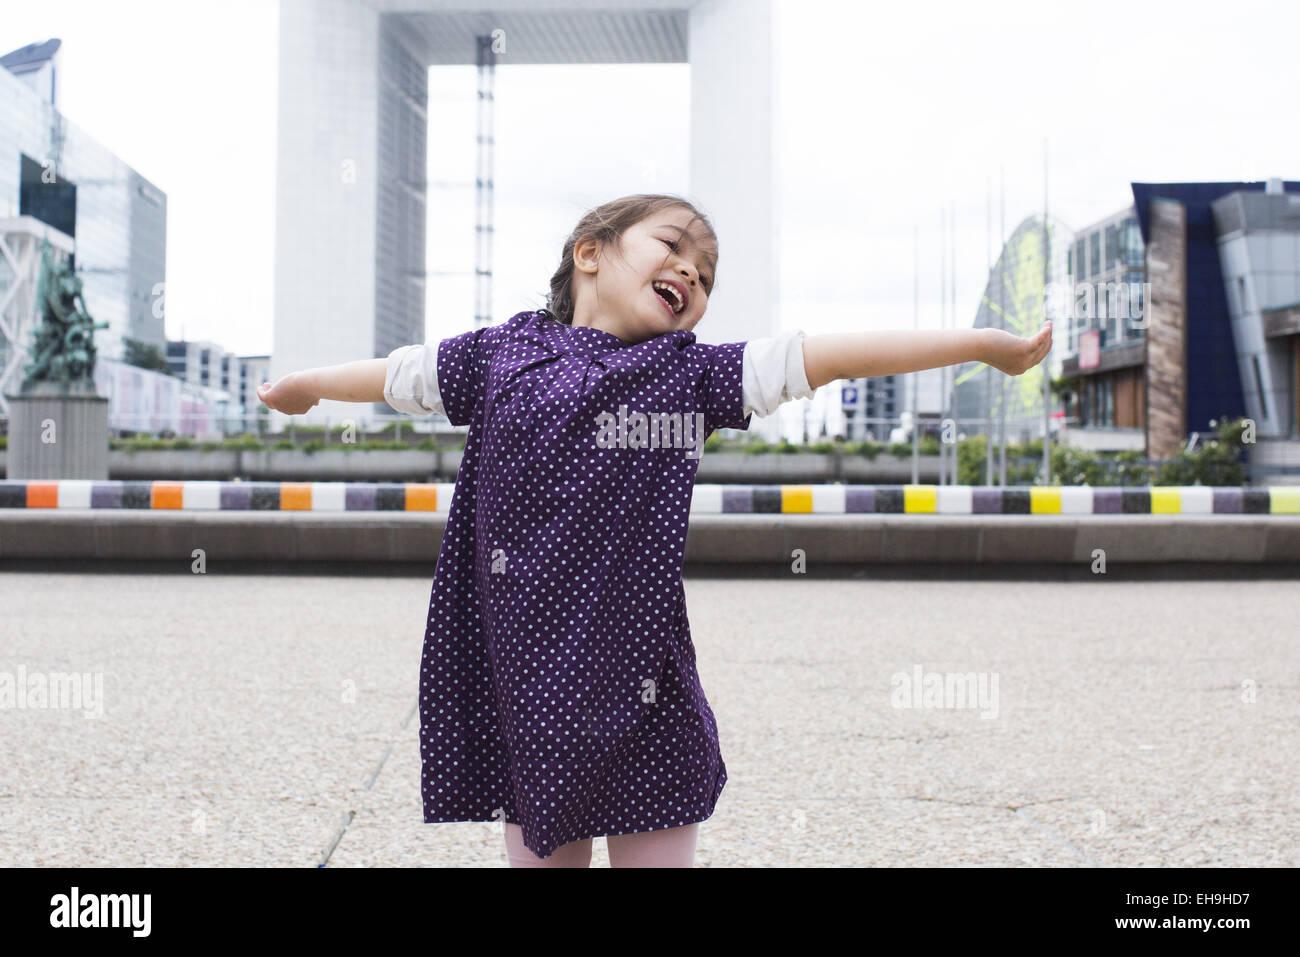 Kleine Mädchen stehen mit ihrem Kopf in den Nacken und die Arme ausgestreckt vor der Grande Arche, Paris, Frankreich Stockbild